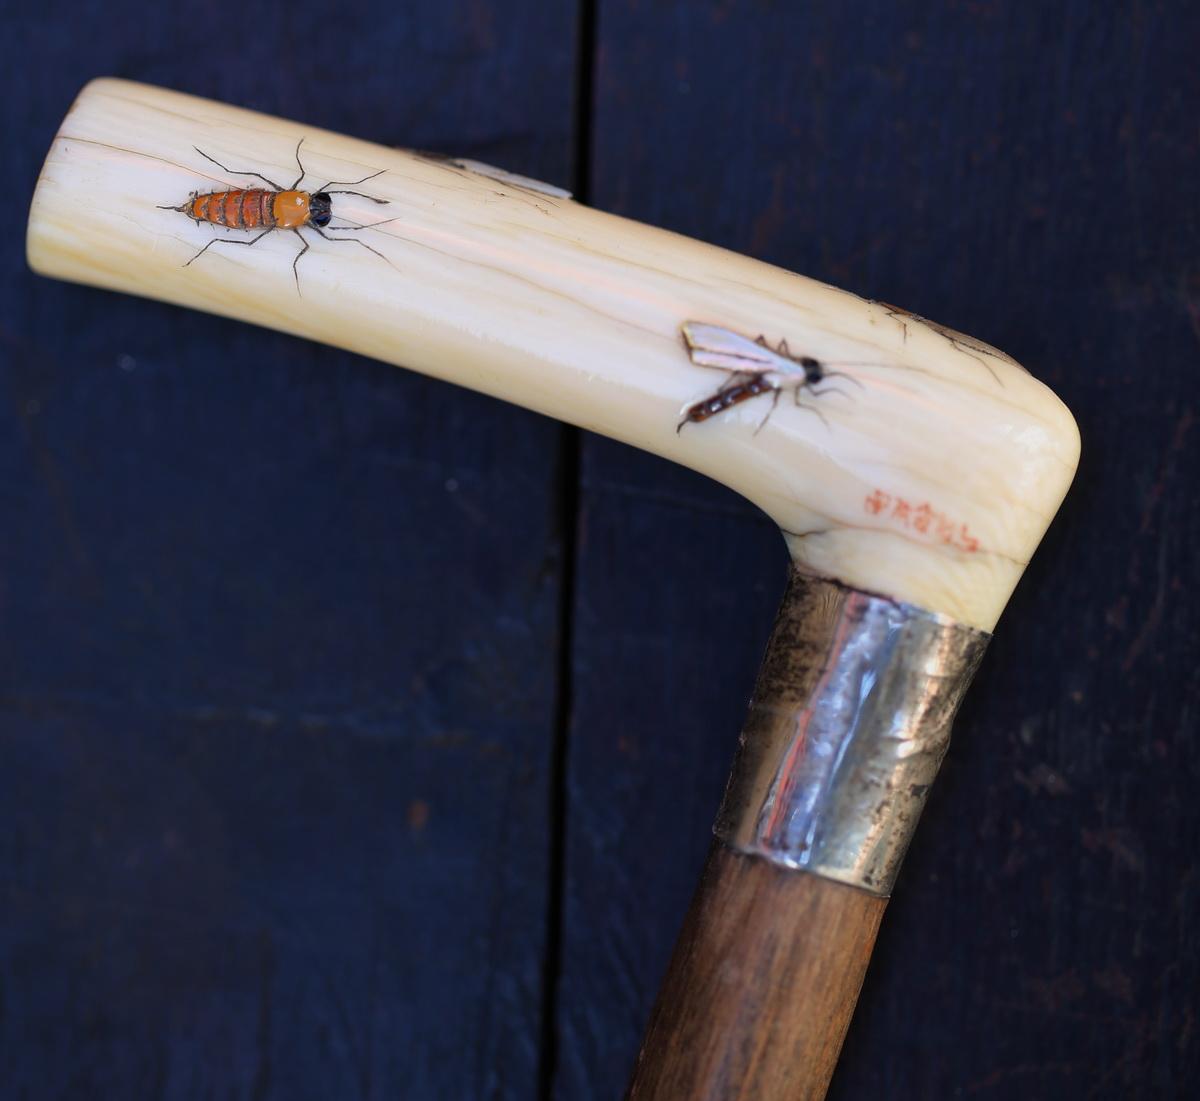 Shibayama cane collection